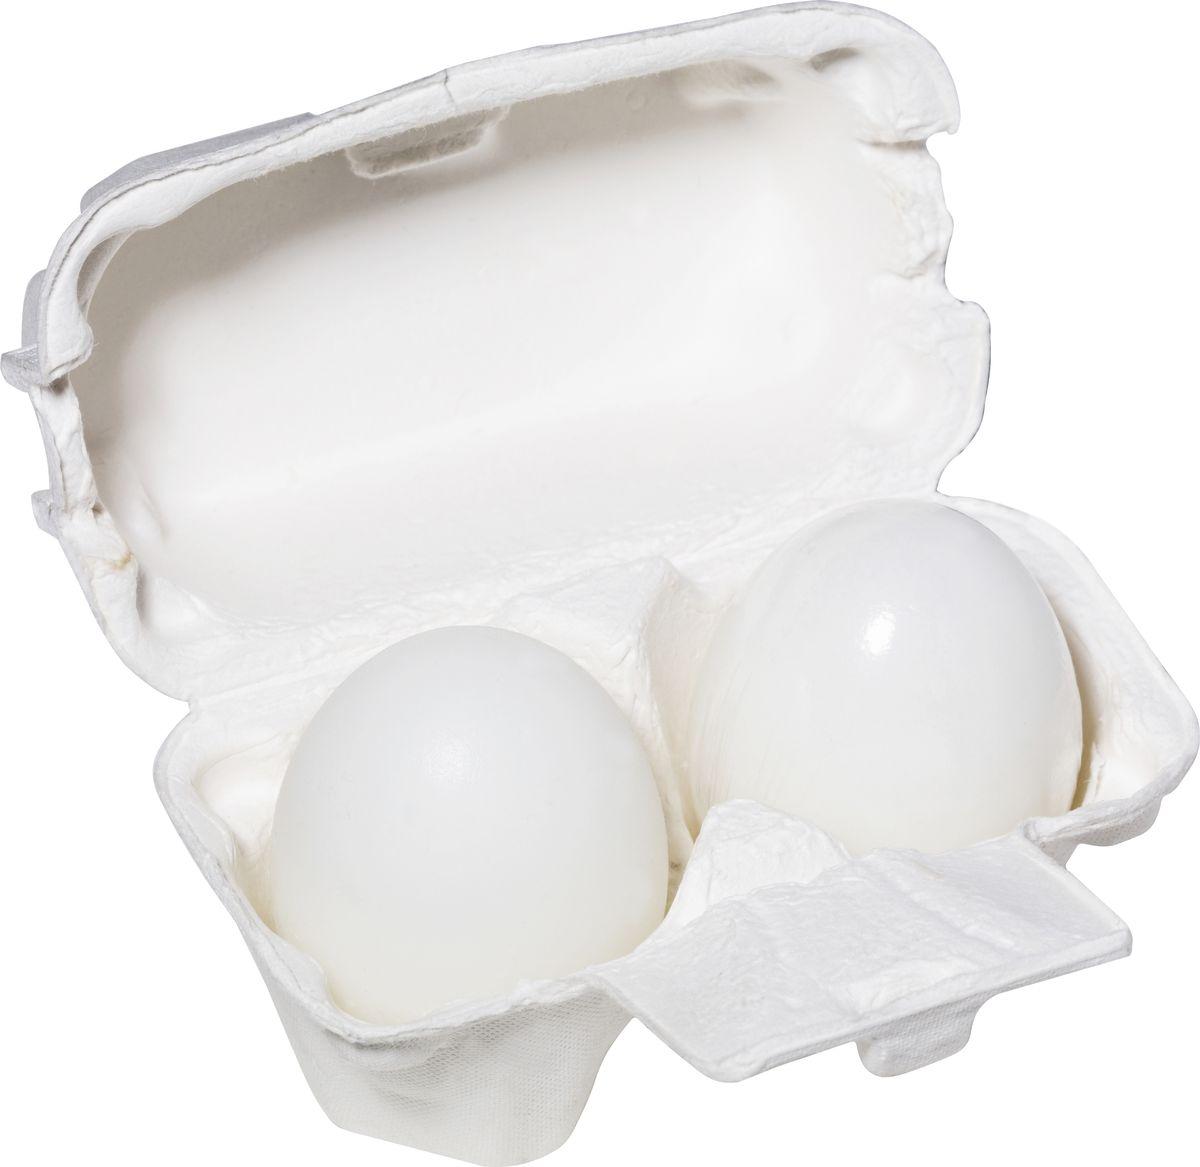 Holika Holika Мыло-маска ручной работы для сужения и очистки пор c яичным белком, 100 мл200120151543 Мыло-маска с яичным белком обеспечивает коже эластичность, увлажняет ее и борется со признаками старения, сужает поры. Применение: используйте ежедневно как мыло для умывания, вспенив в теплой воде. Намылить лицо, смыть. Или используйте как маску 1-2 раза в неделю: намочите лицо, массажируйте до образования тонкого мыльного слоя на коже, оставьте на 10 минут, затем смойте теплой водой. Объём: 50 г*2. Срок годности: 30 месяцев с даты, указанной на упаковке. Состав: миристиновая кислота, стеариновая кислота, триэтаноламин, лауриловая кислота, пальмитиновая кислота, глицерин, очищенная вода, гидроксид натрия, динатрия лаурил сульфосукцинат, ароматизатор, гидролизованный яичный белок, триклозан, диоксид титана, тетранатрия ЭДТА.